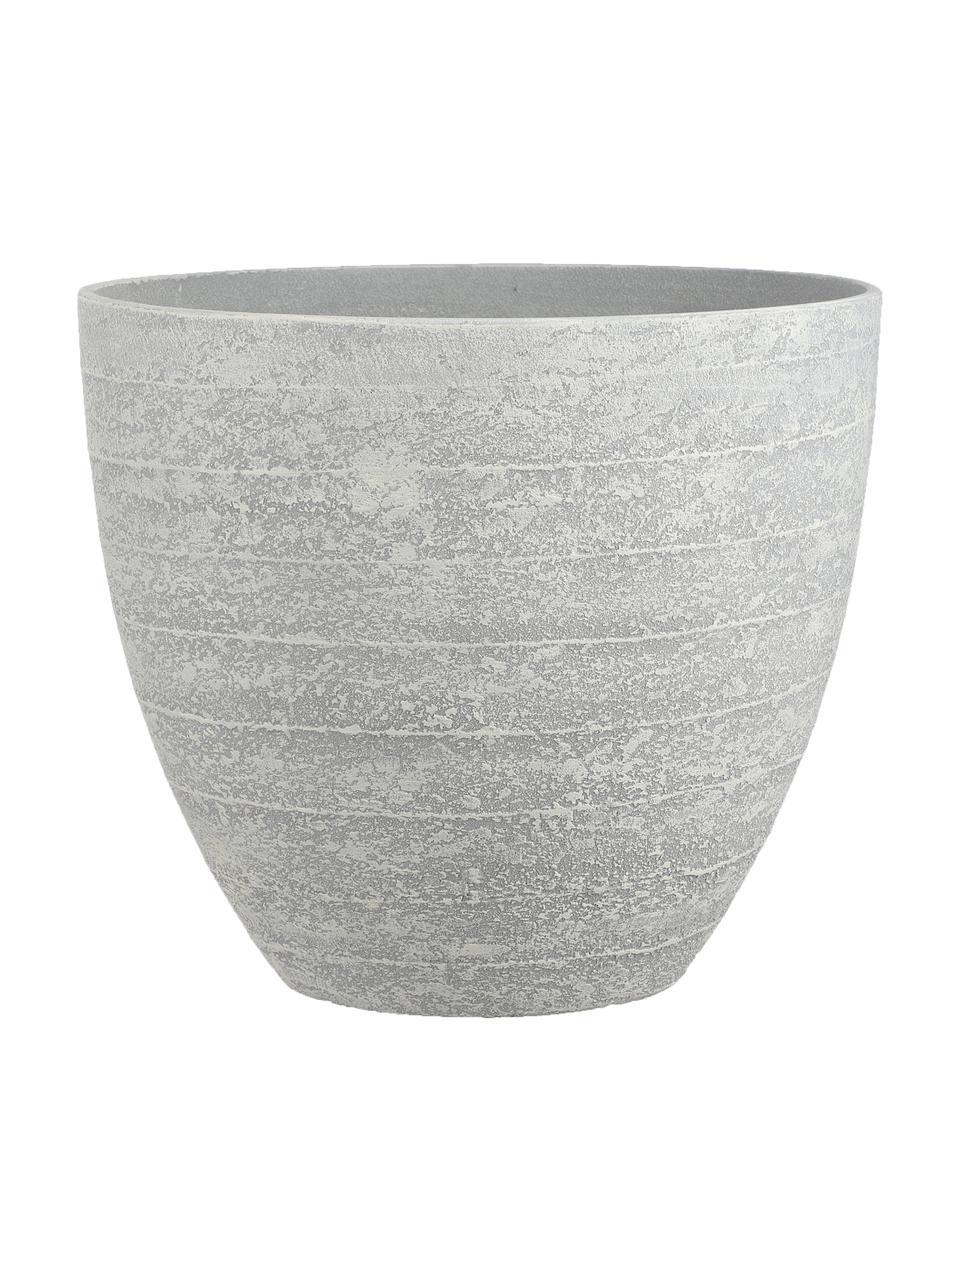 Duża osłonka na doniczkę Bravo, Tworzywo sztuczne, Szary, Ø 37 x W 33 cm